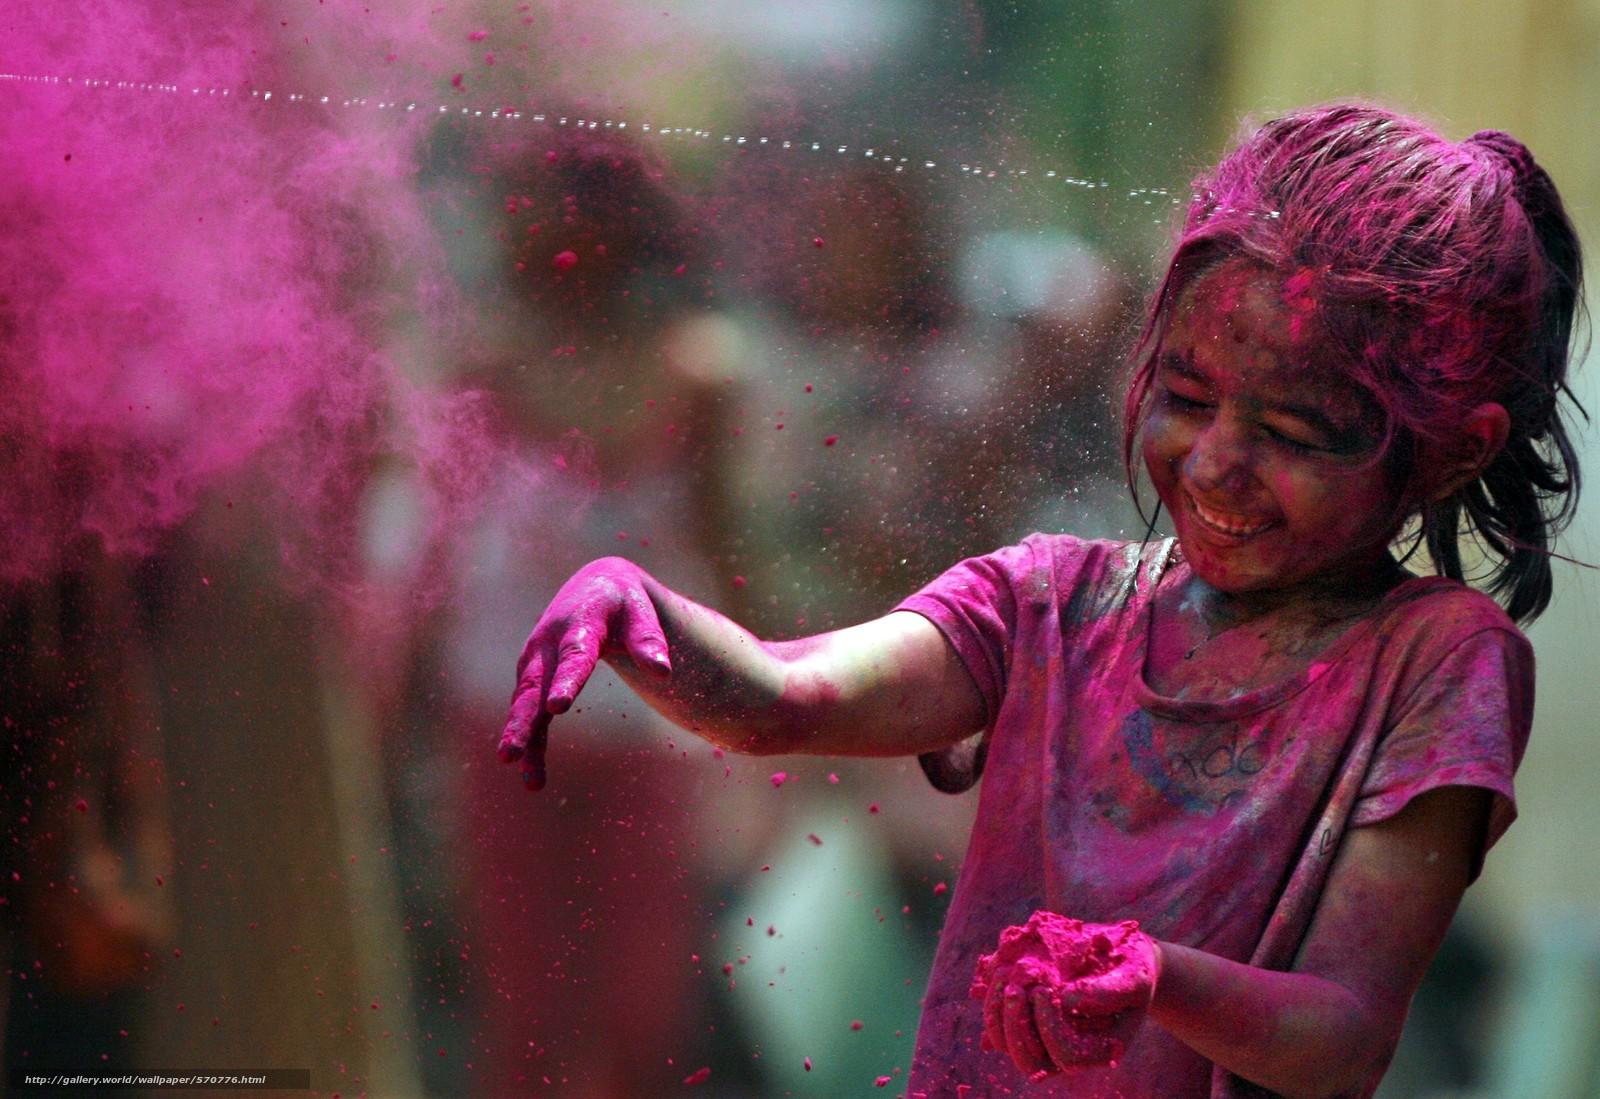 Скачать обои радость,  фестиваль красок,  радуга бесплатно для рабочего стола в разрешении 6833x4694 — картинка №570776